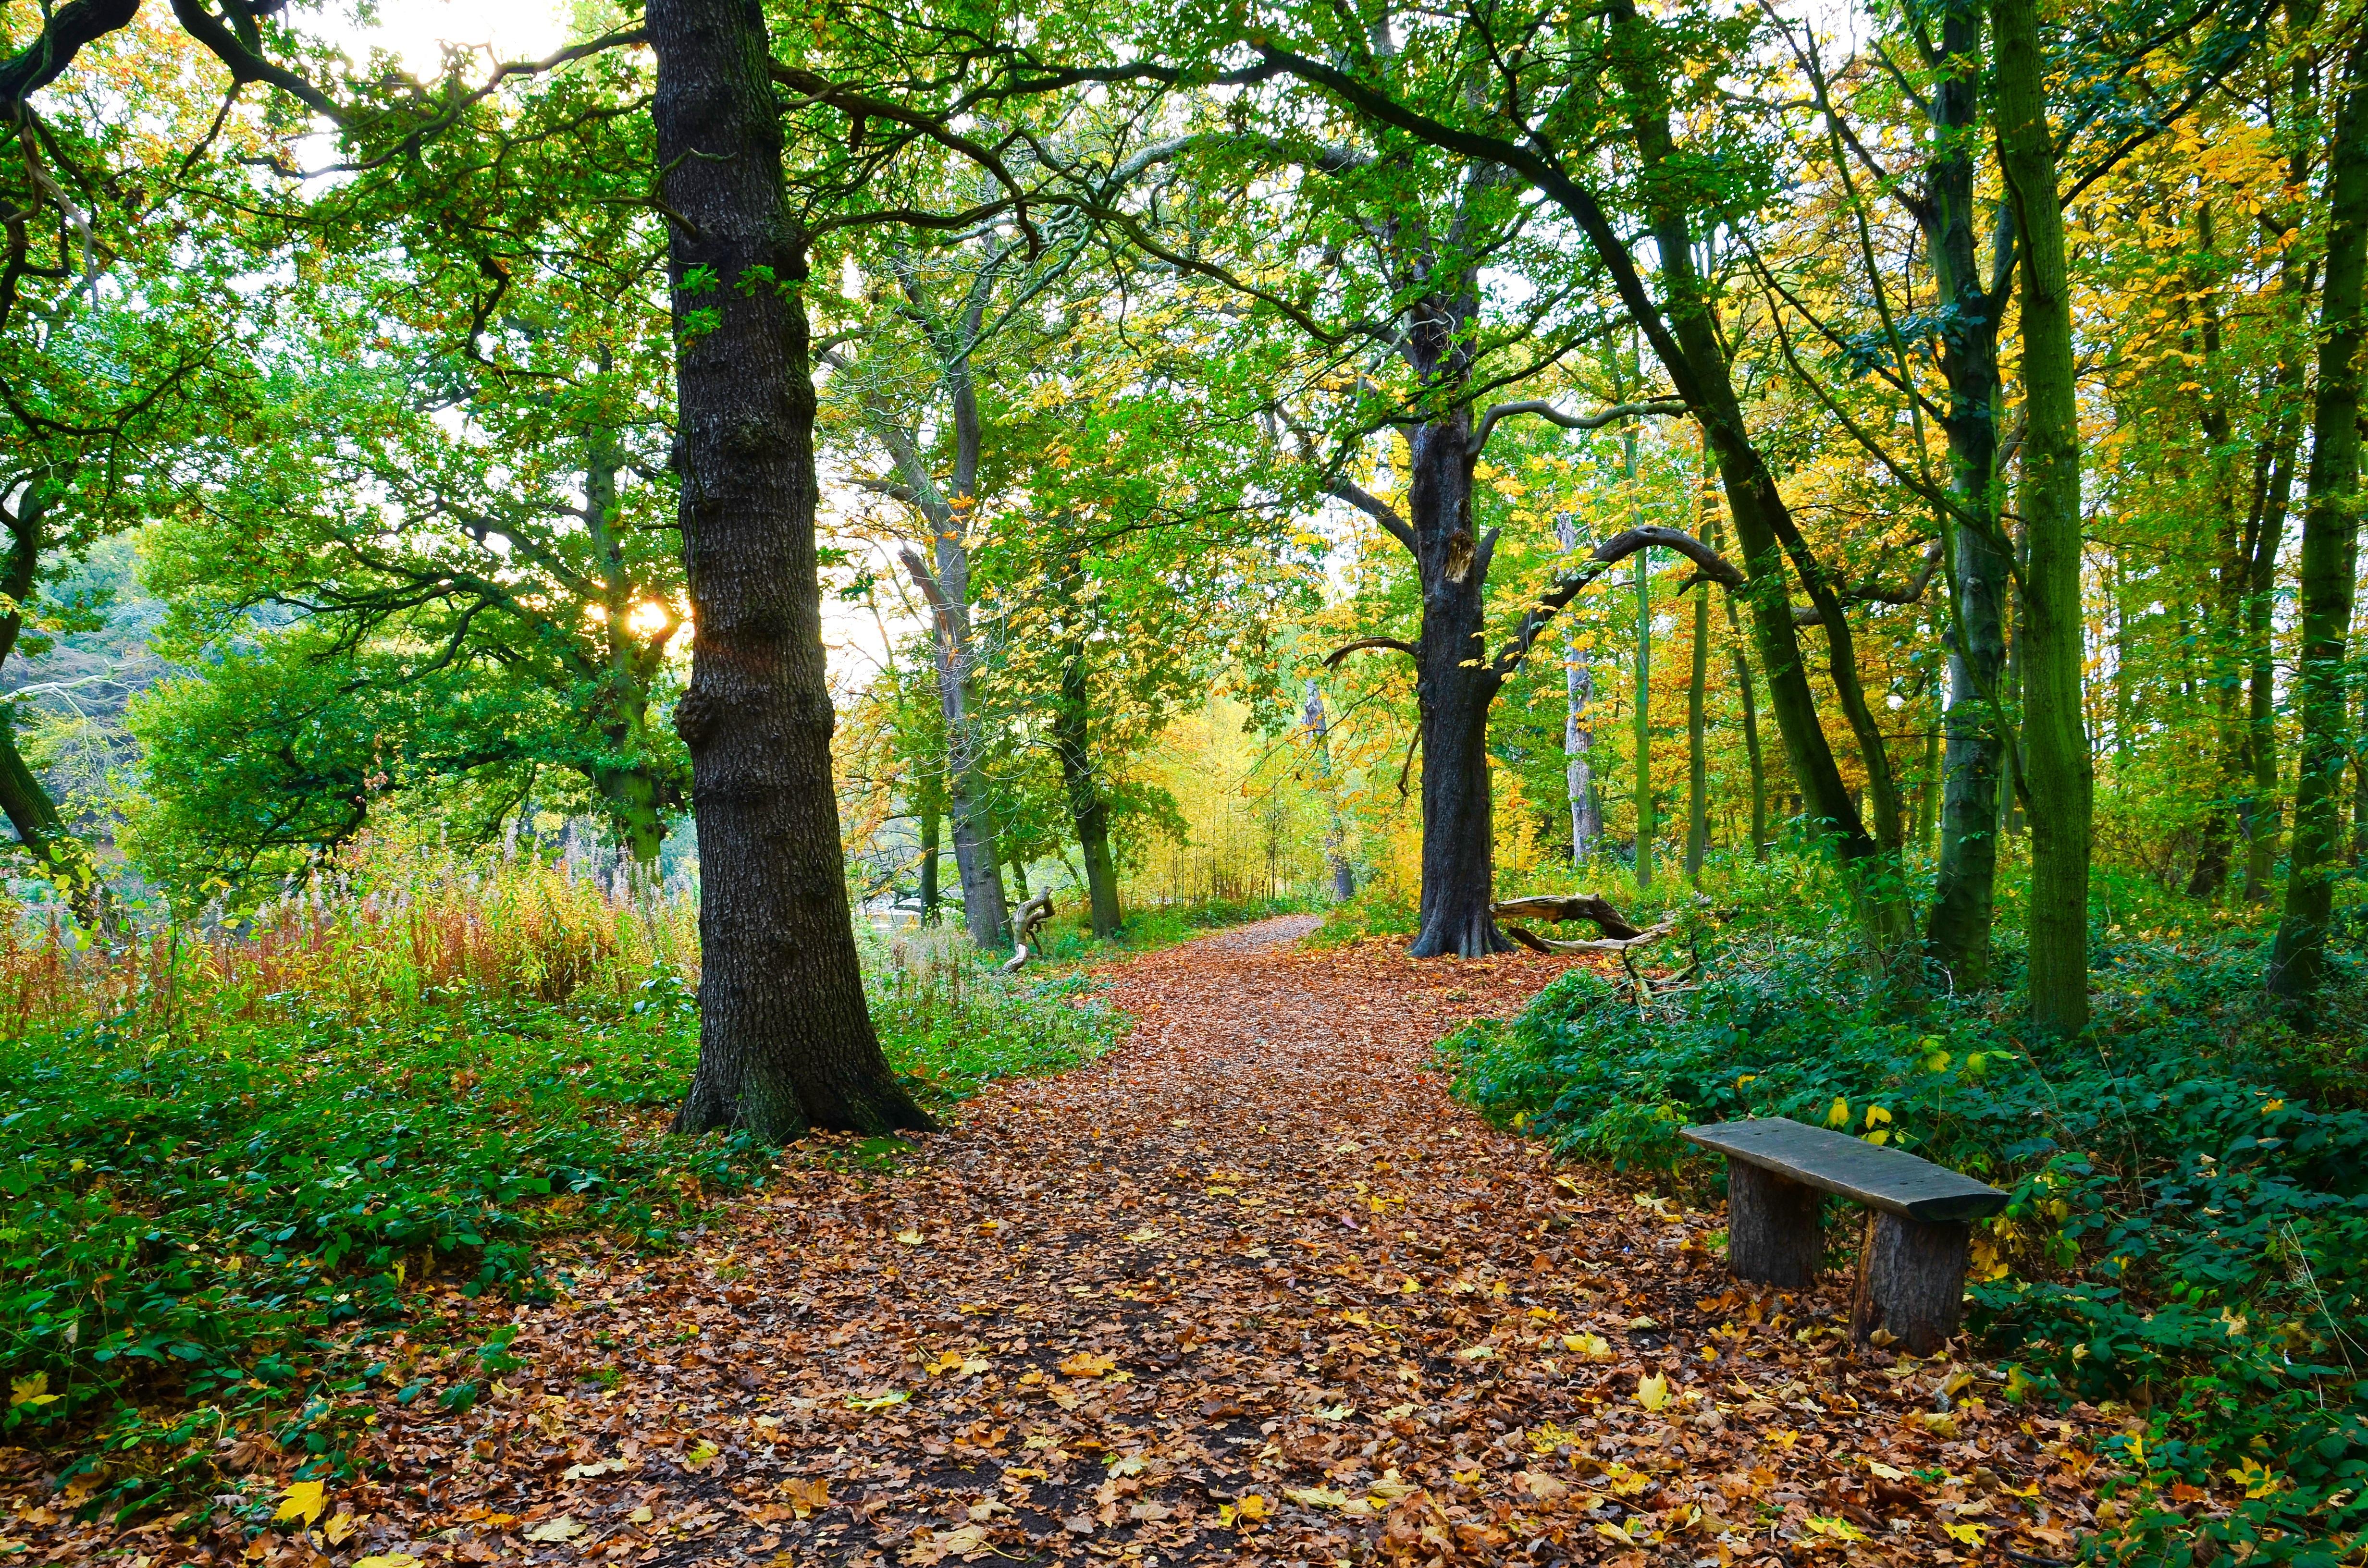 осенние аллеи в лесах и парках картинки сегодня хочу пожелать